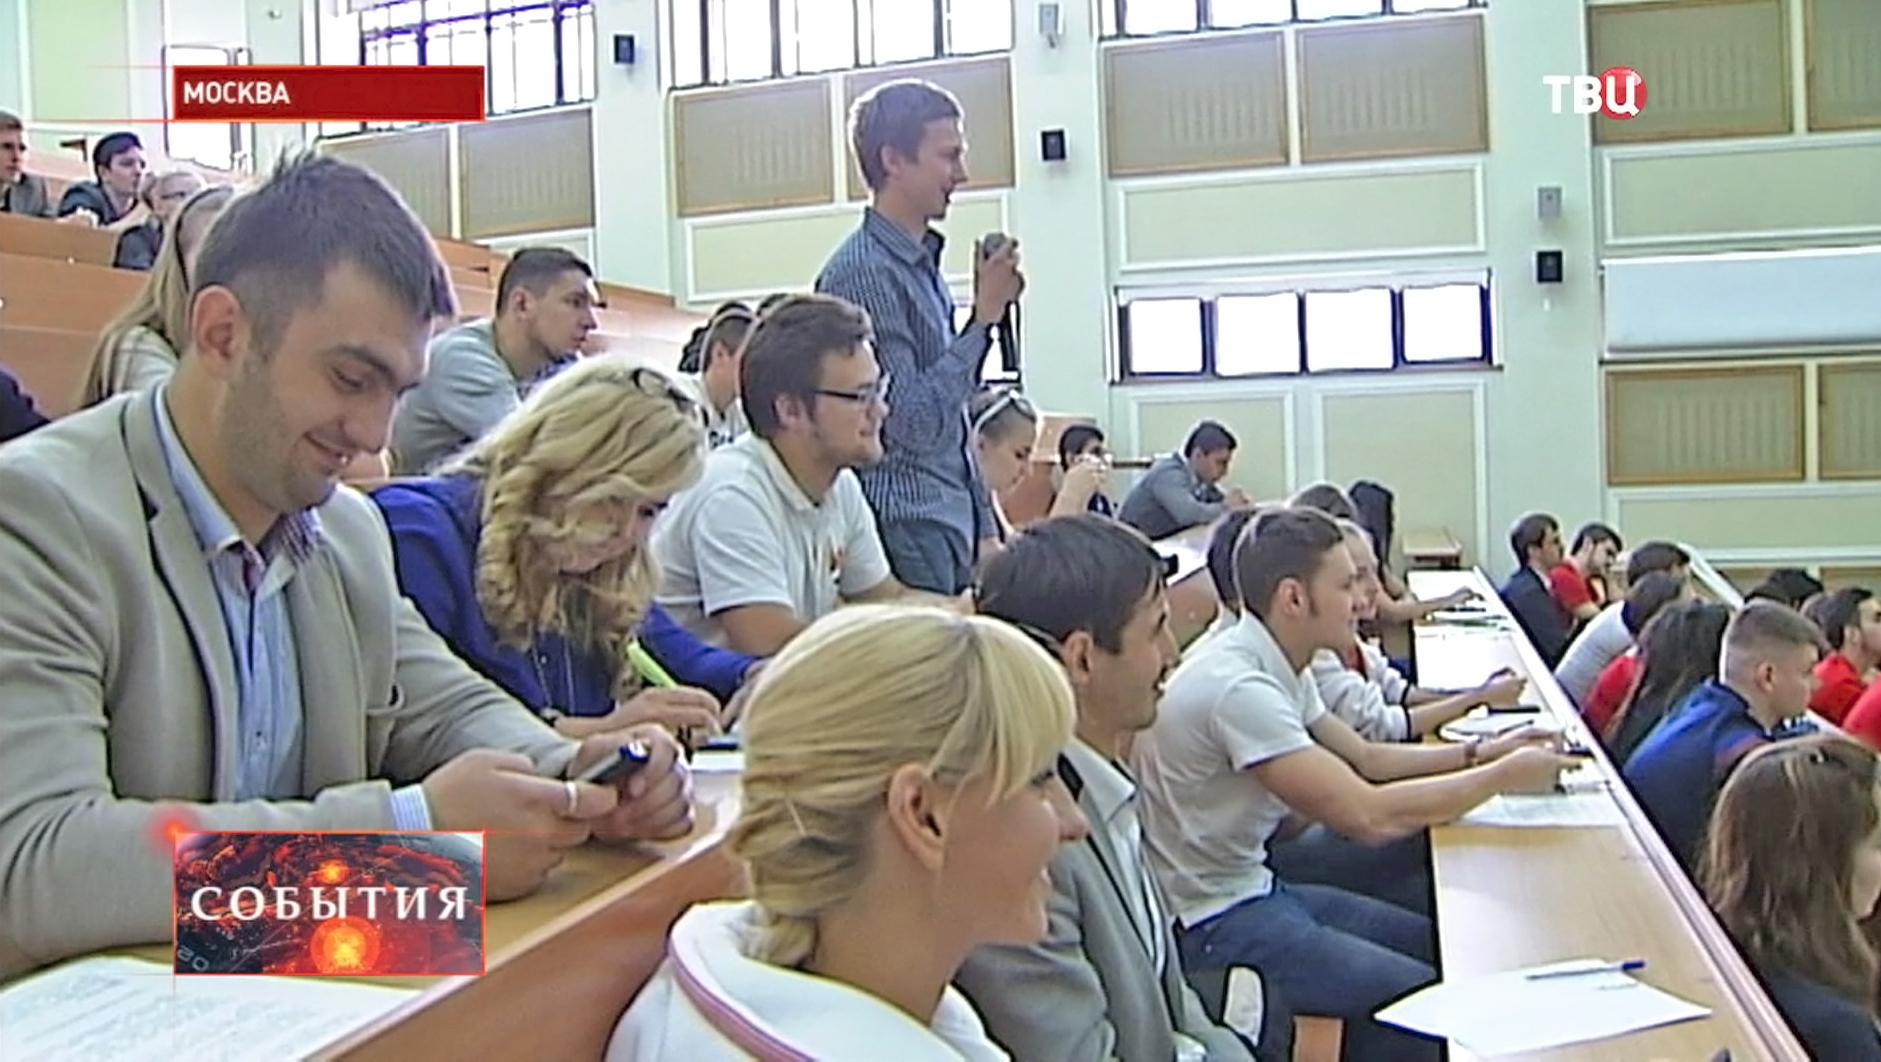 Ассоциация студенческих спортклубов России